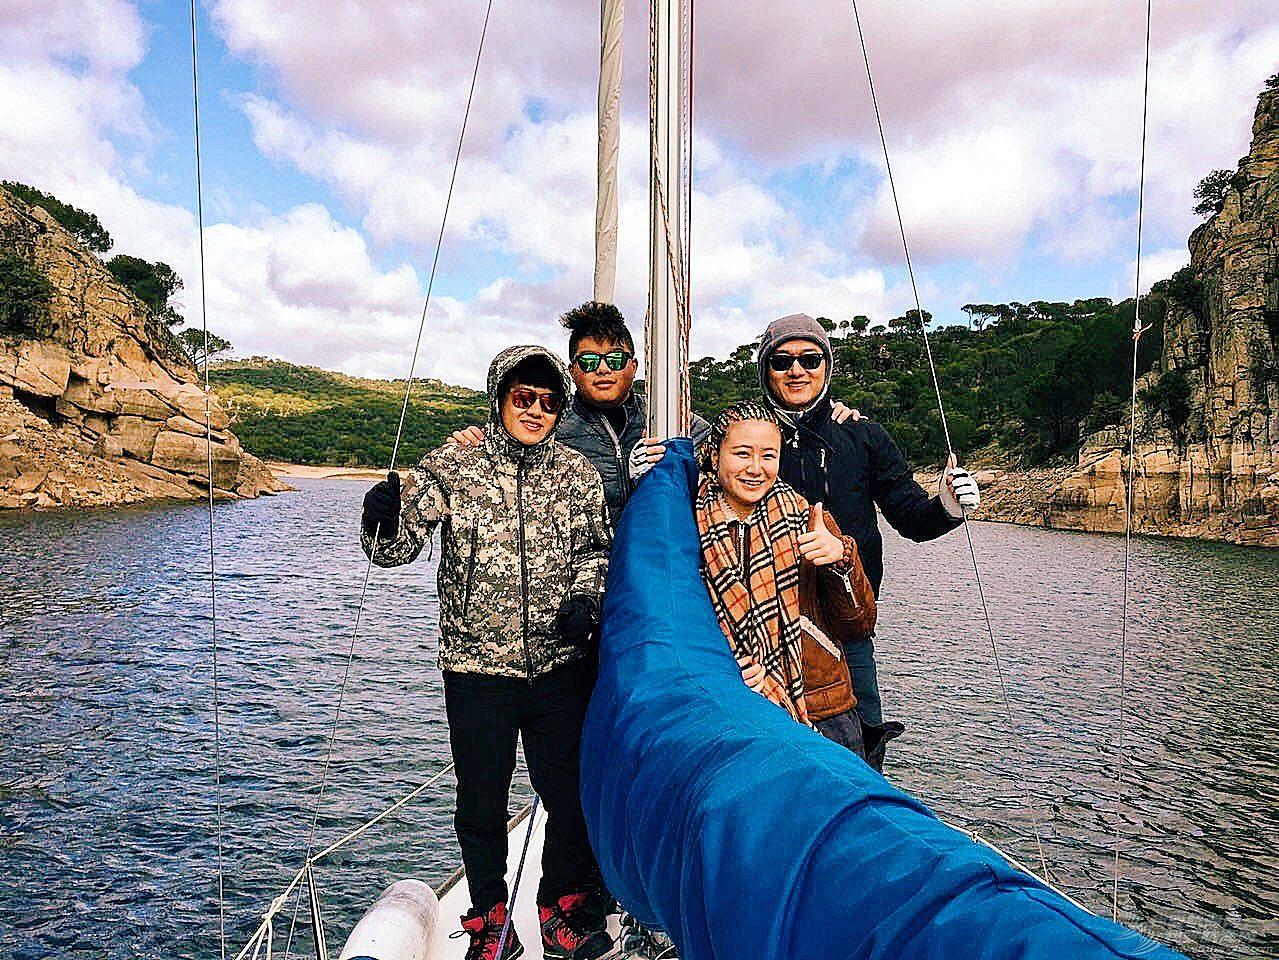 西班牙,马德里,俱乐部,风景 马德里郊区水库帆艇实践 --- by 西班牙龙骨航海俱乐部